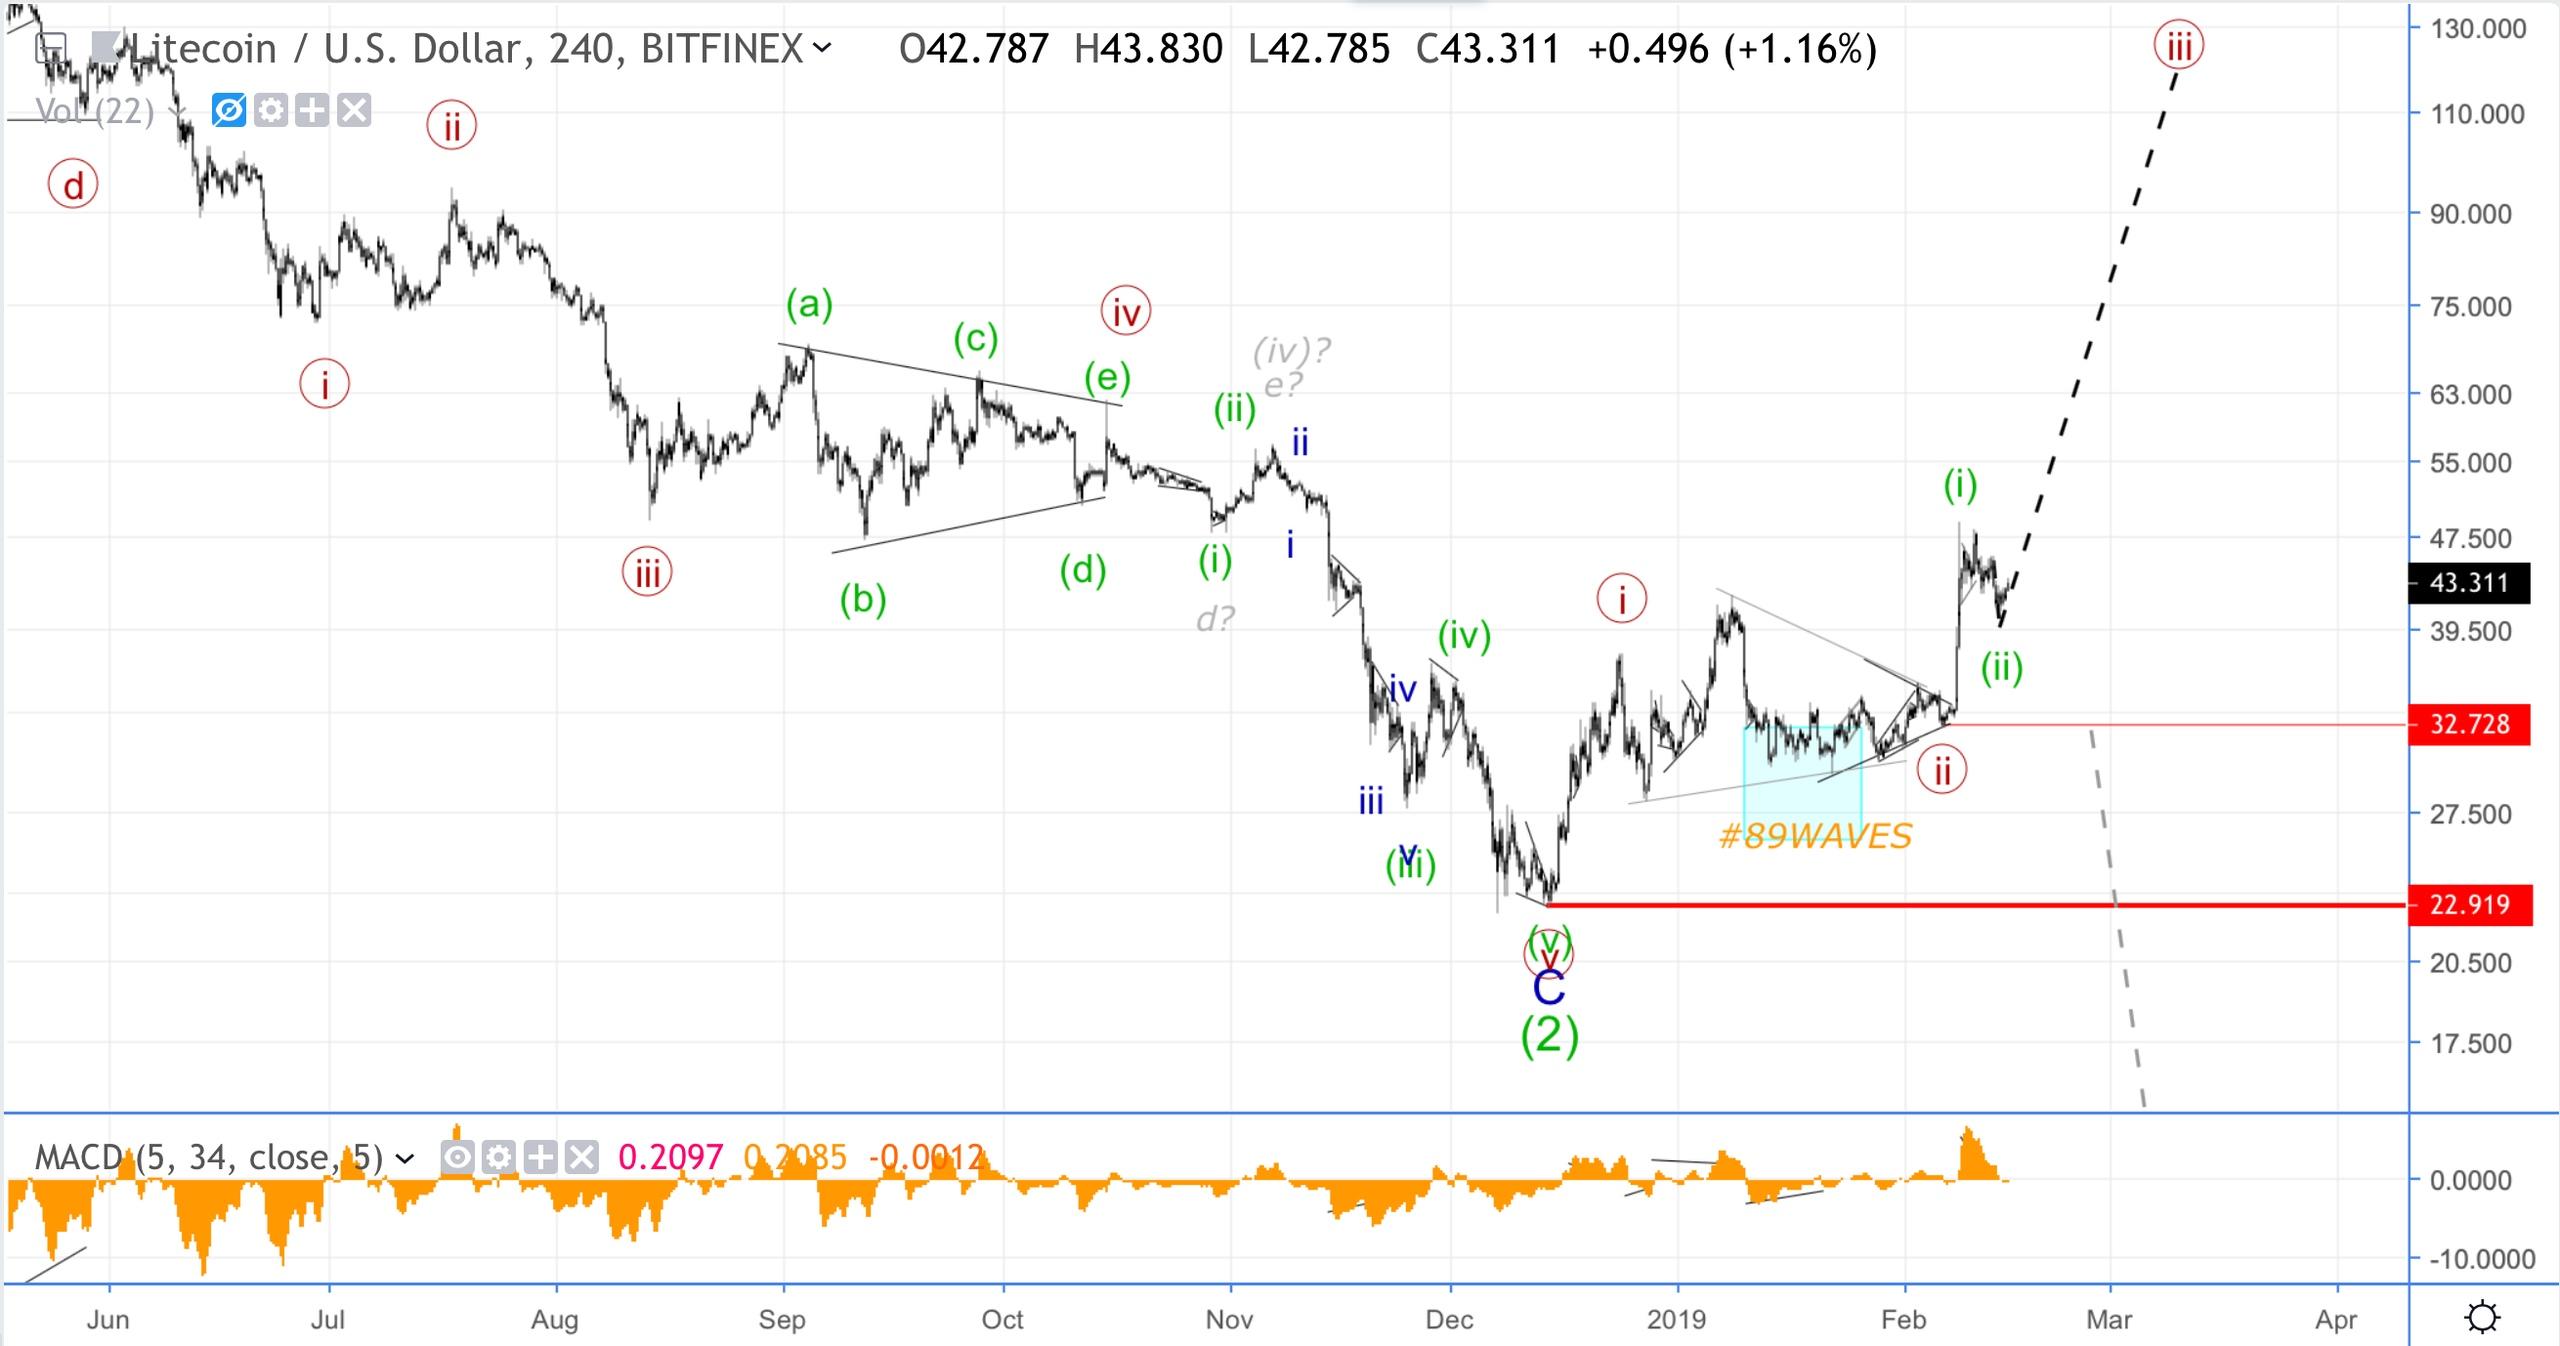 Волновой анализ Litecoin, Сбербанк, USD/CHF.